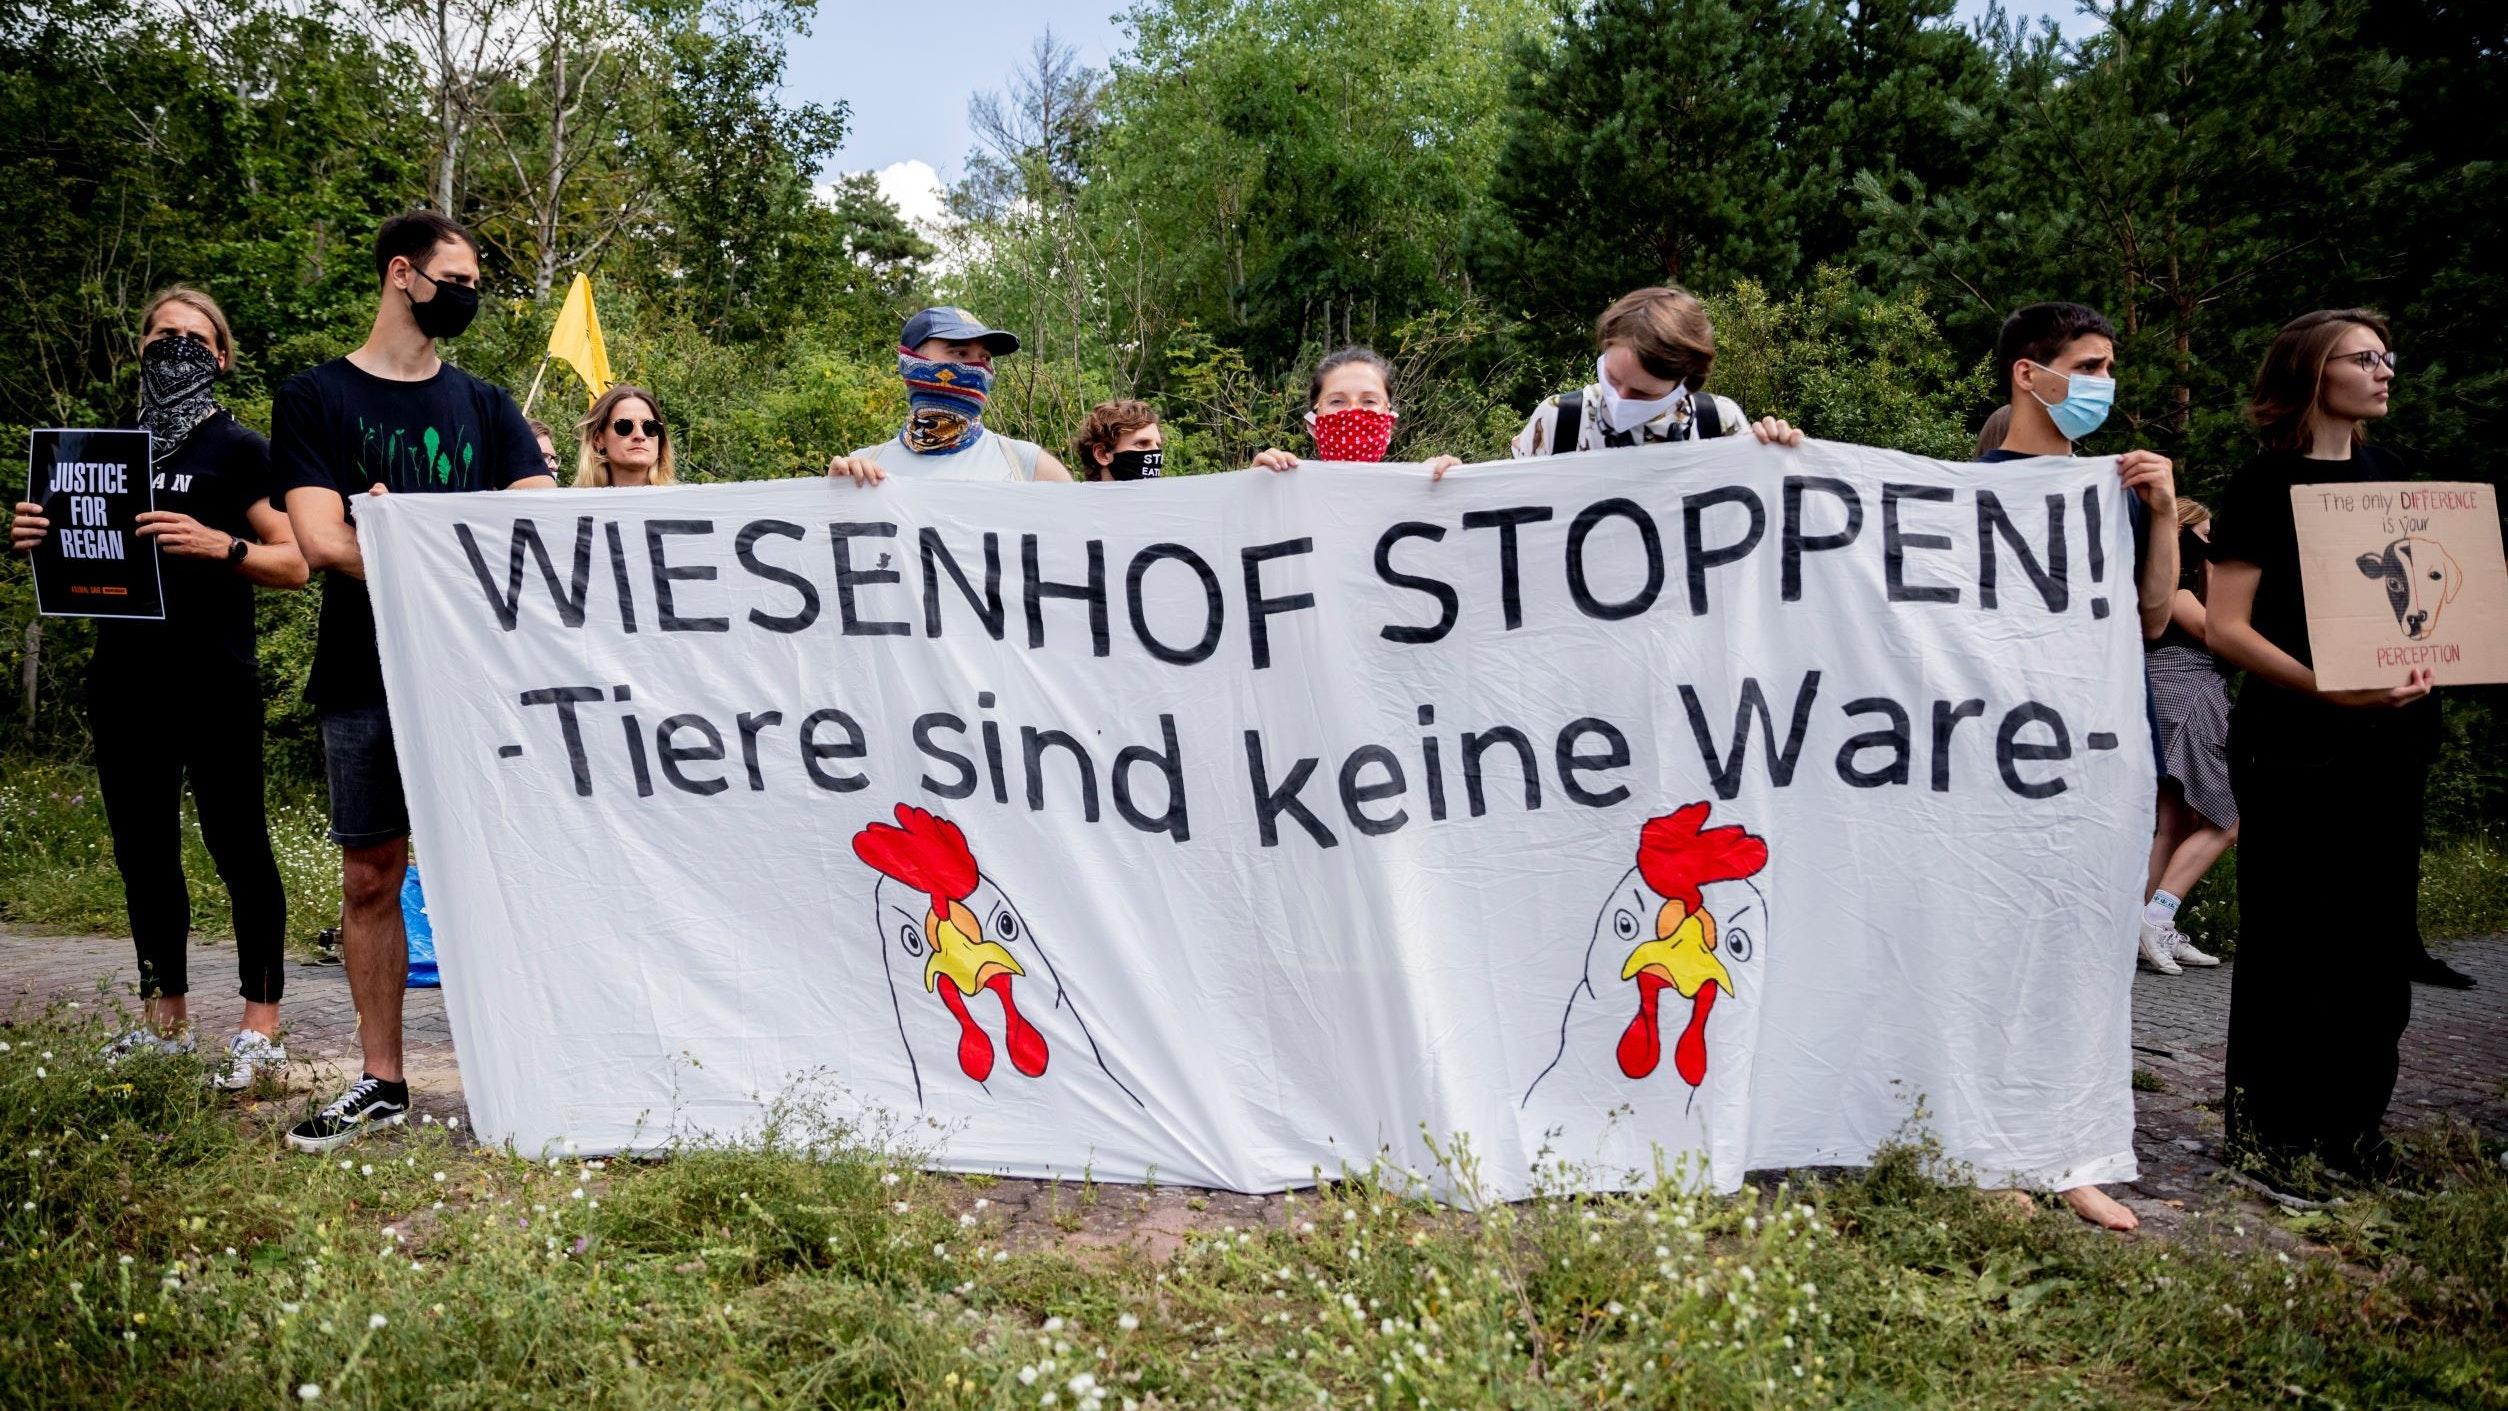 """Tierschutzaktivisten halten 2020 bei einer Blockade des Wiesenhof-Schlachthofs in Niederlehme nahe Königs Wusterhausen ein Banner mit der Aufschrift """"Wiesenhof stoppen! - Tiere sind keine Ware"""" hoch. Symbolfoto: dpa"""